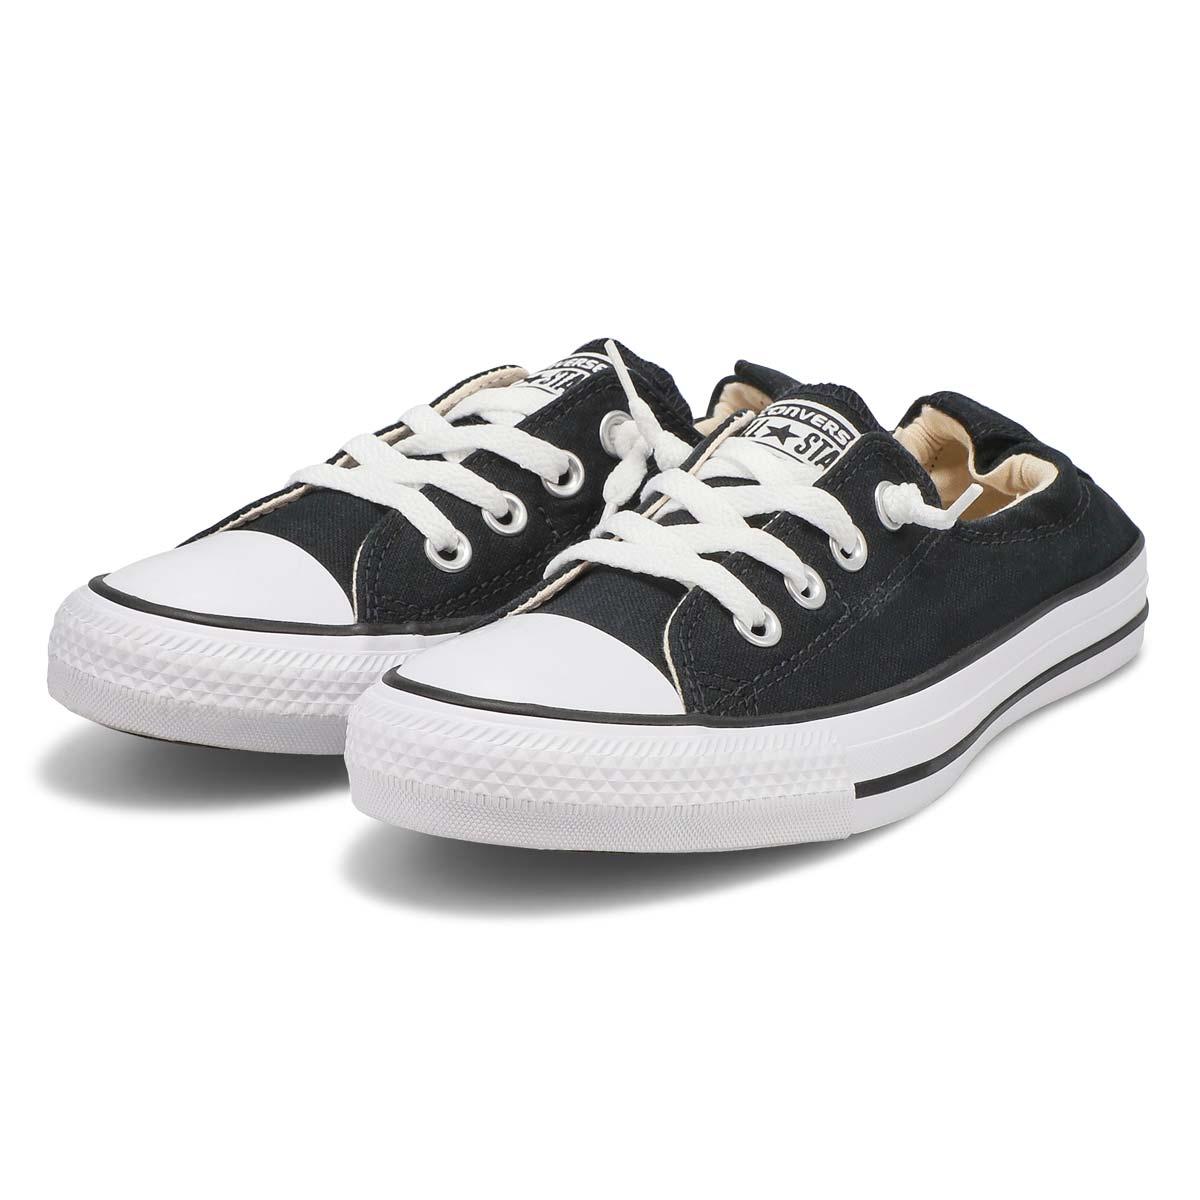 Women's All Star Shoreline Sneaker- Black